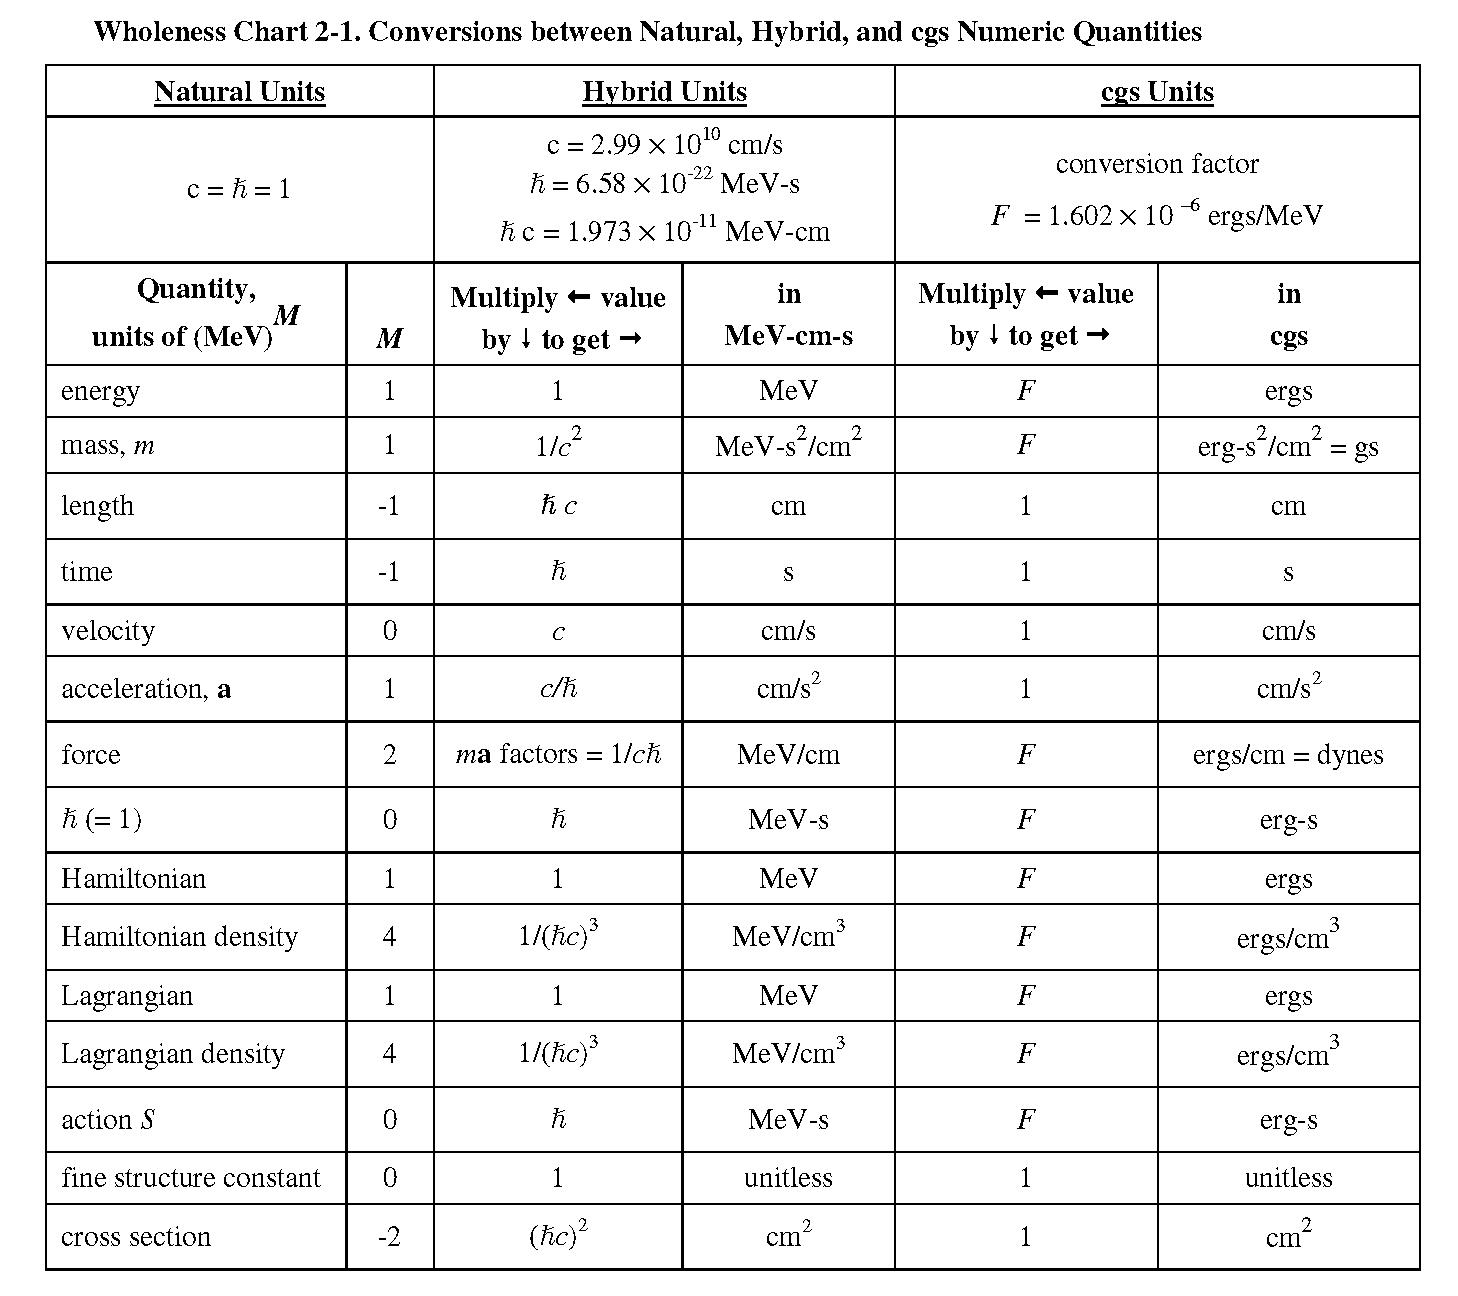 Natural Units Conversion Chart